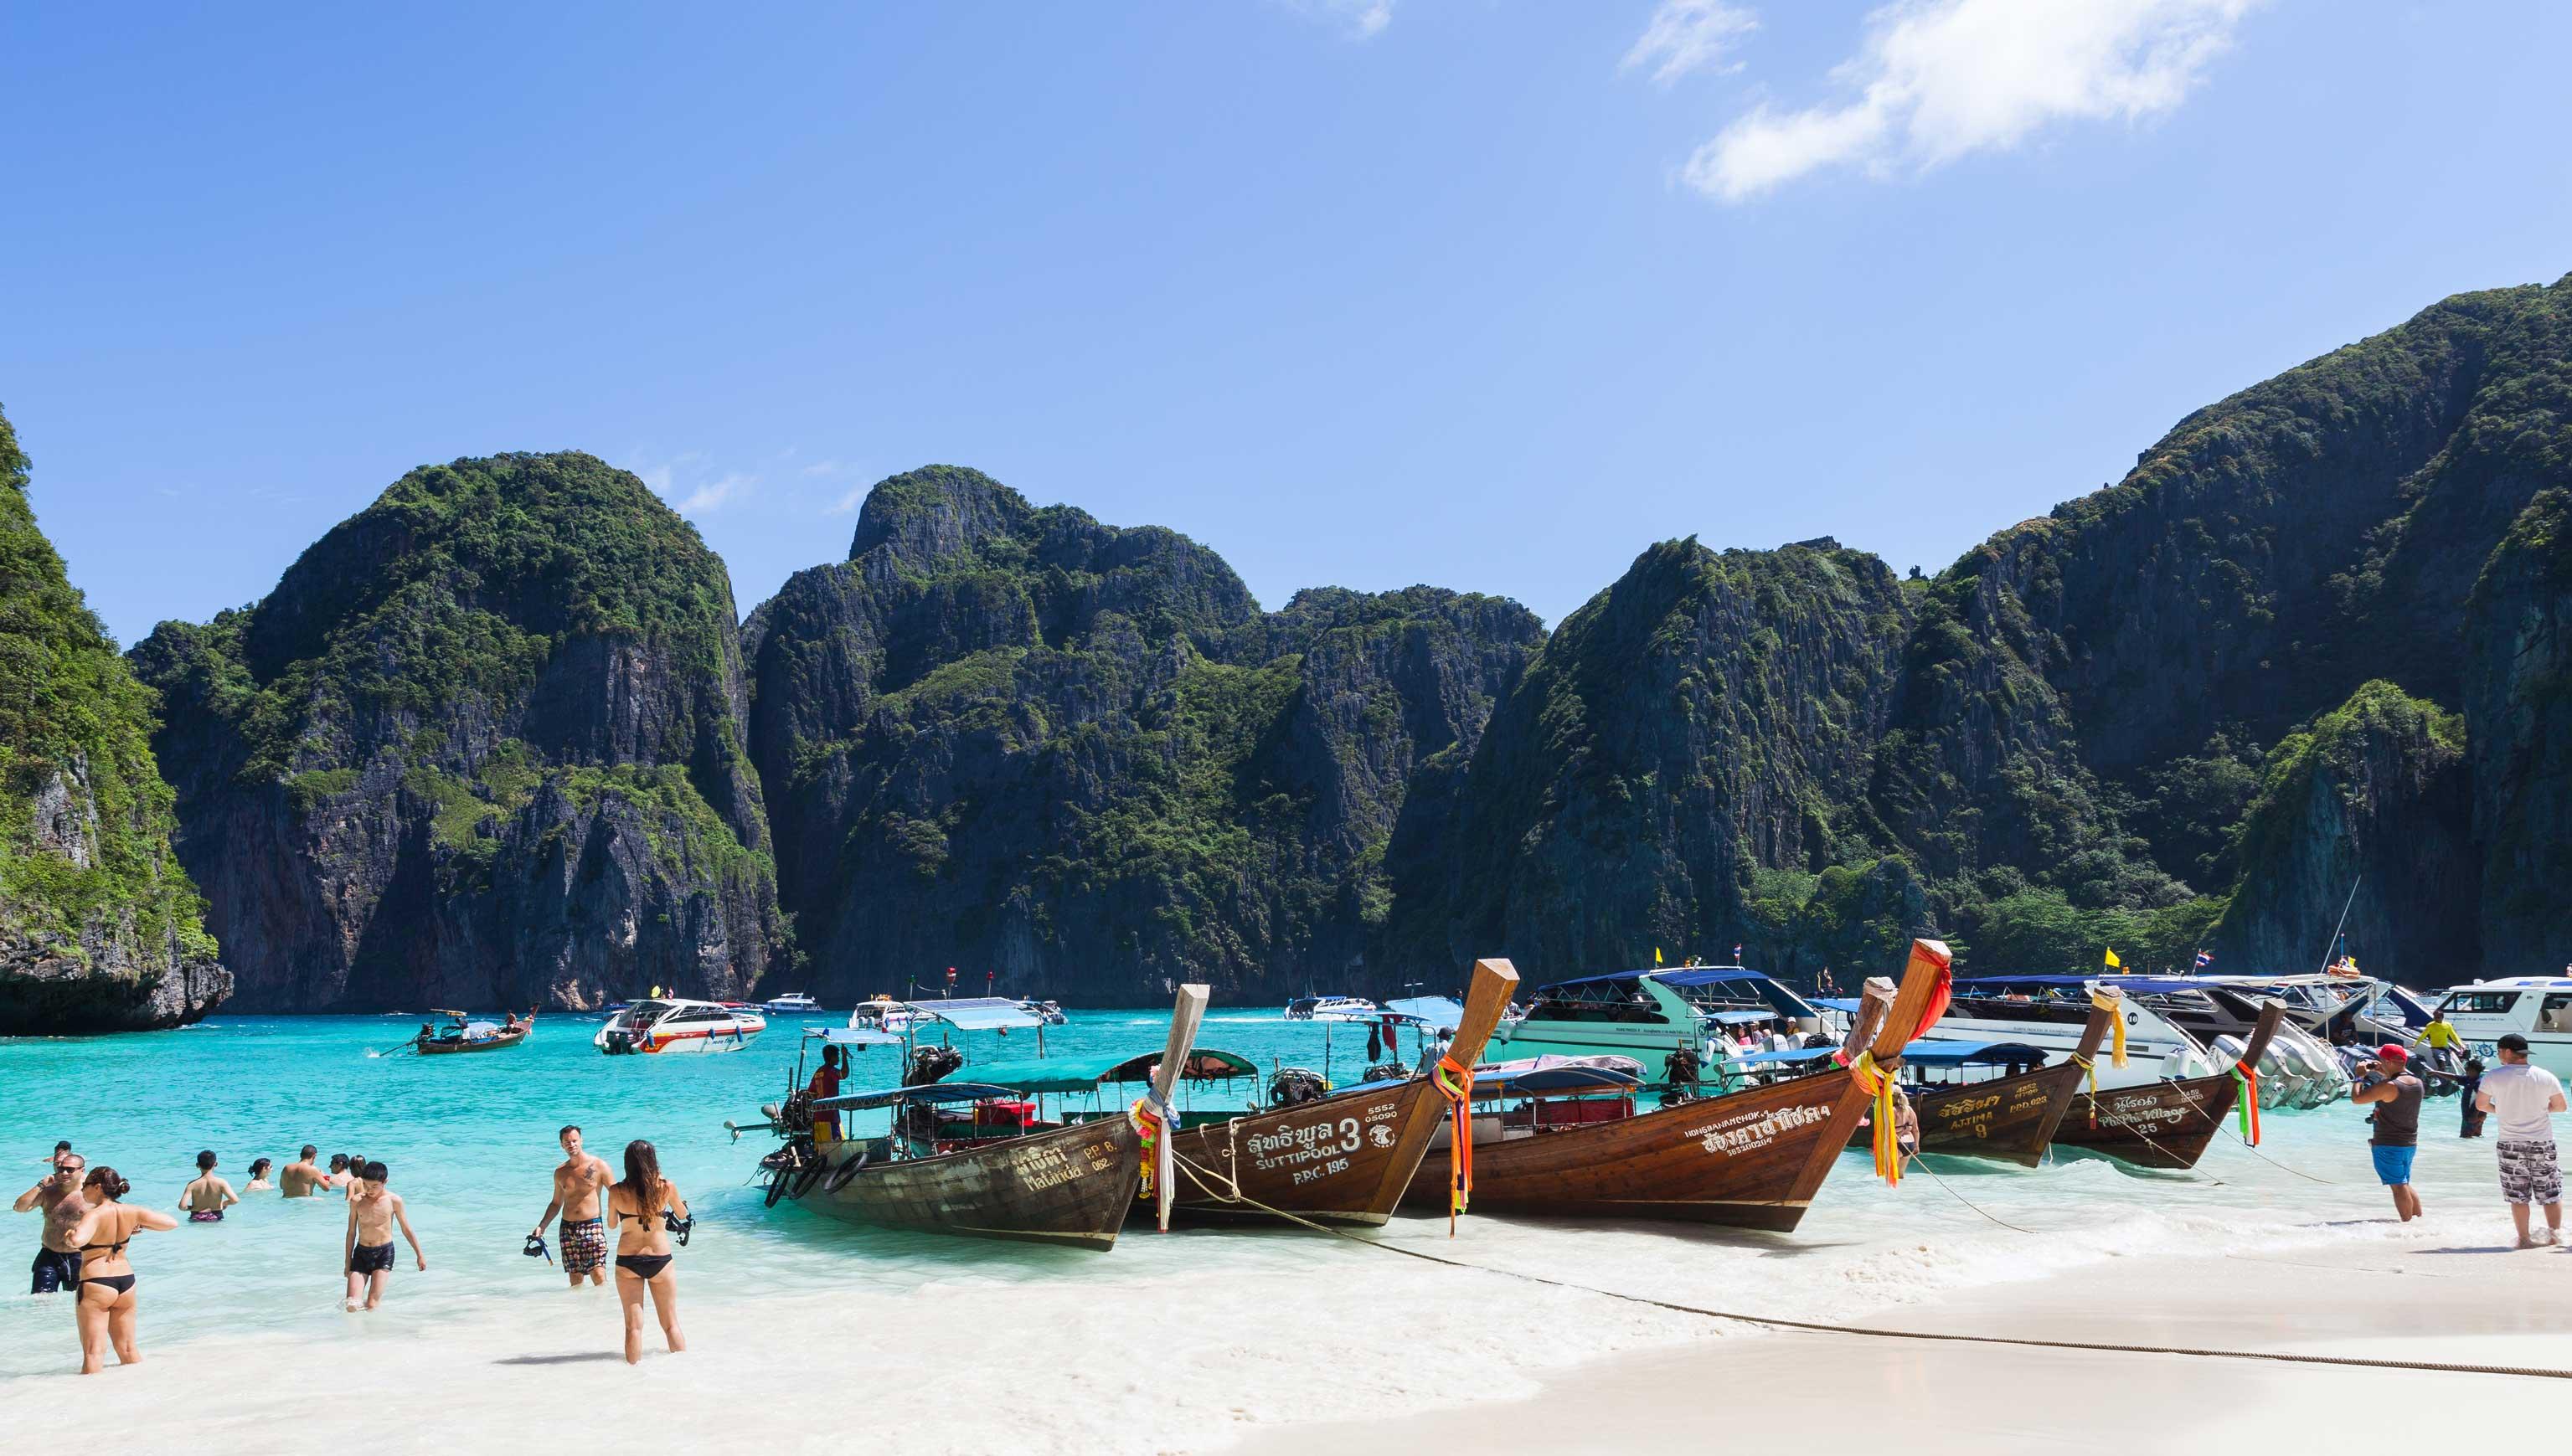 dónde ir de luna de miel tailandia